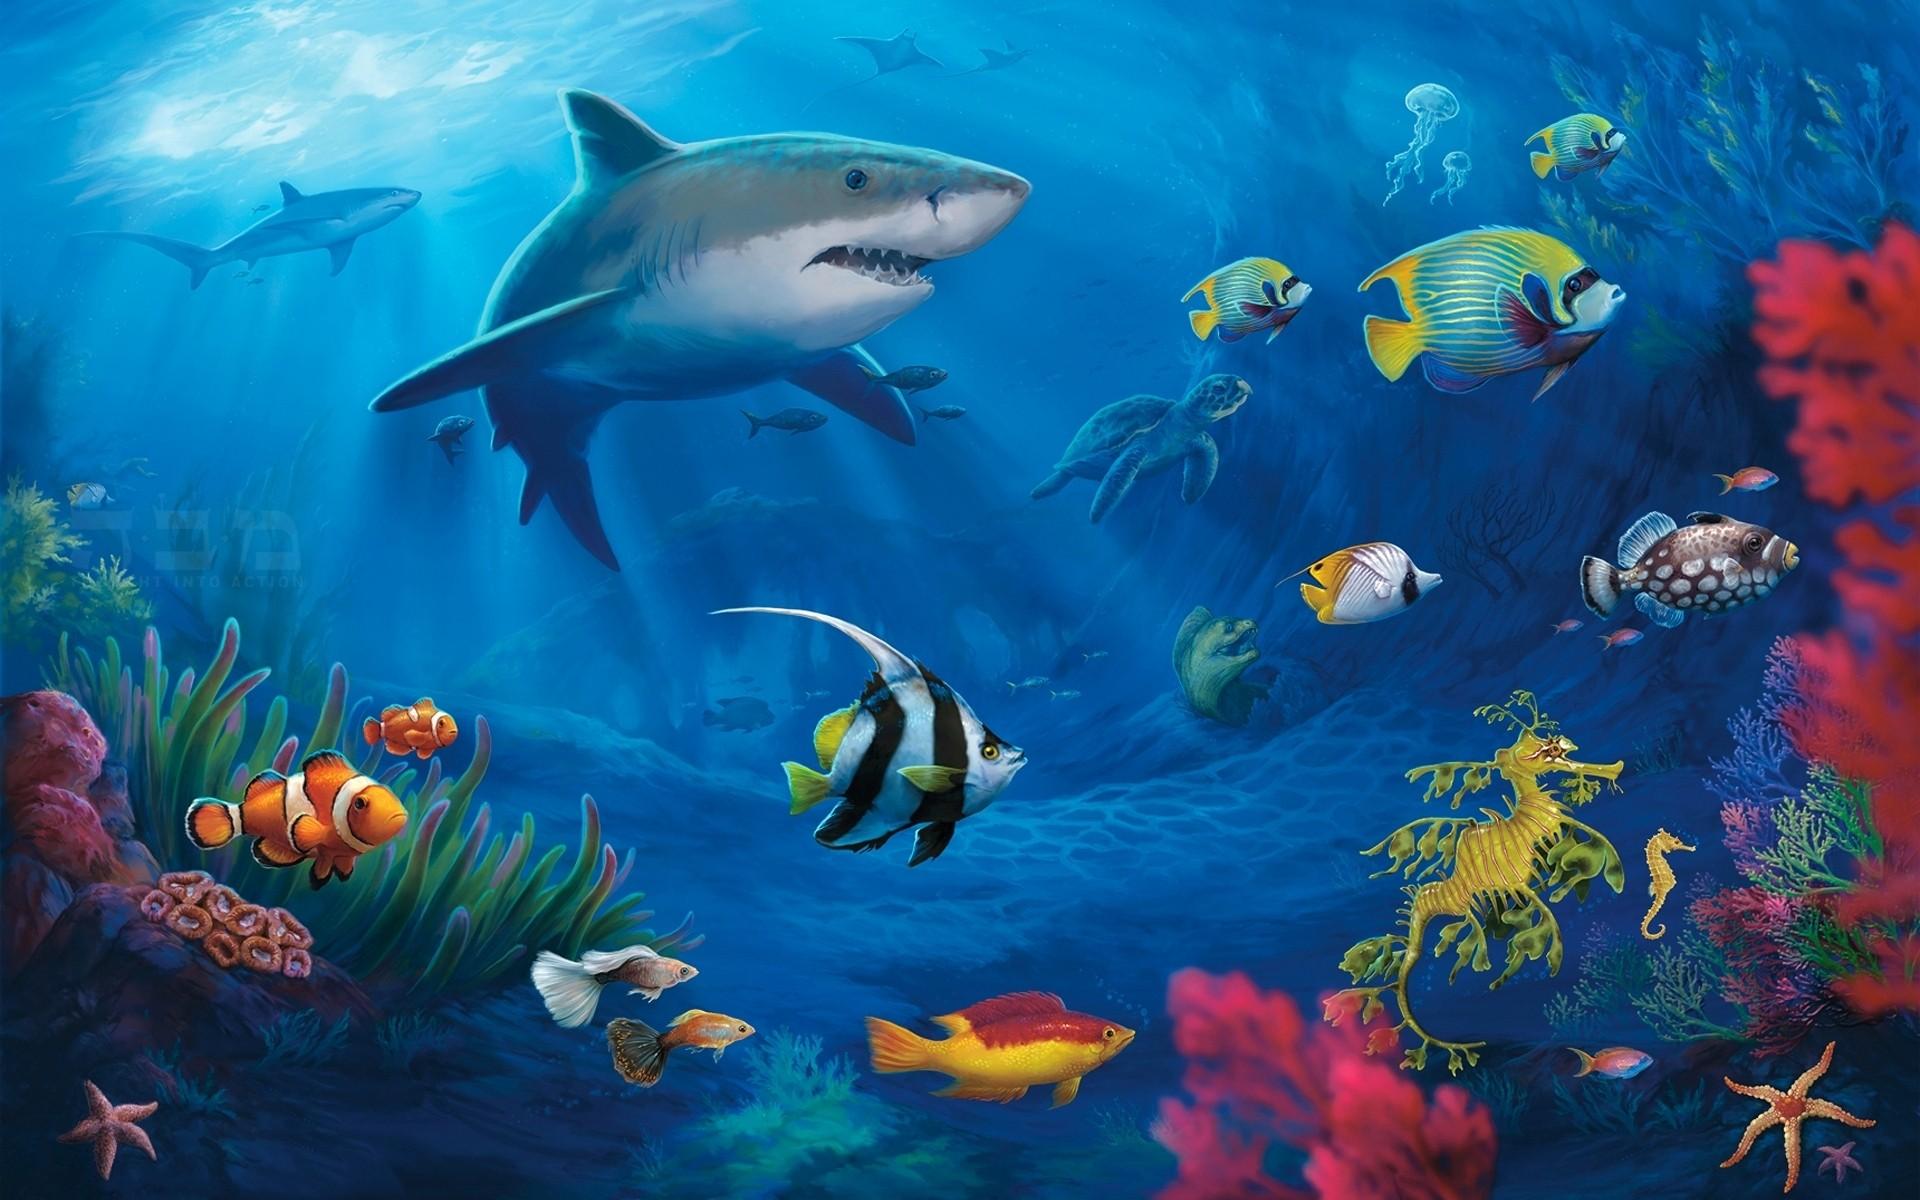 Los animales marinos - 1920x1200